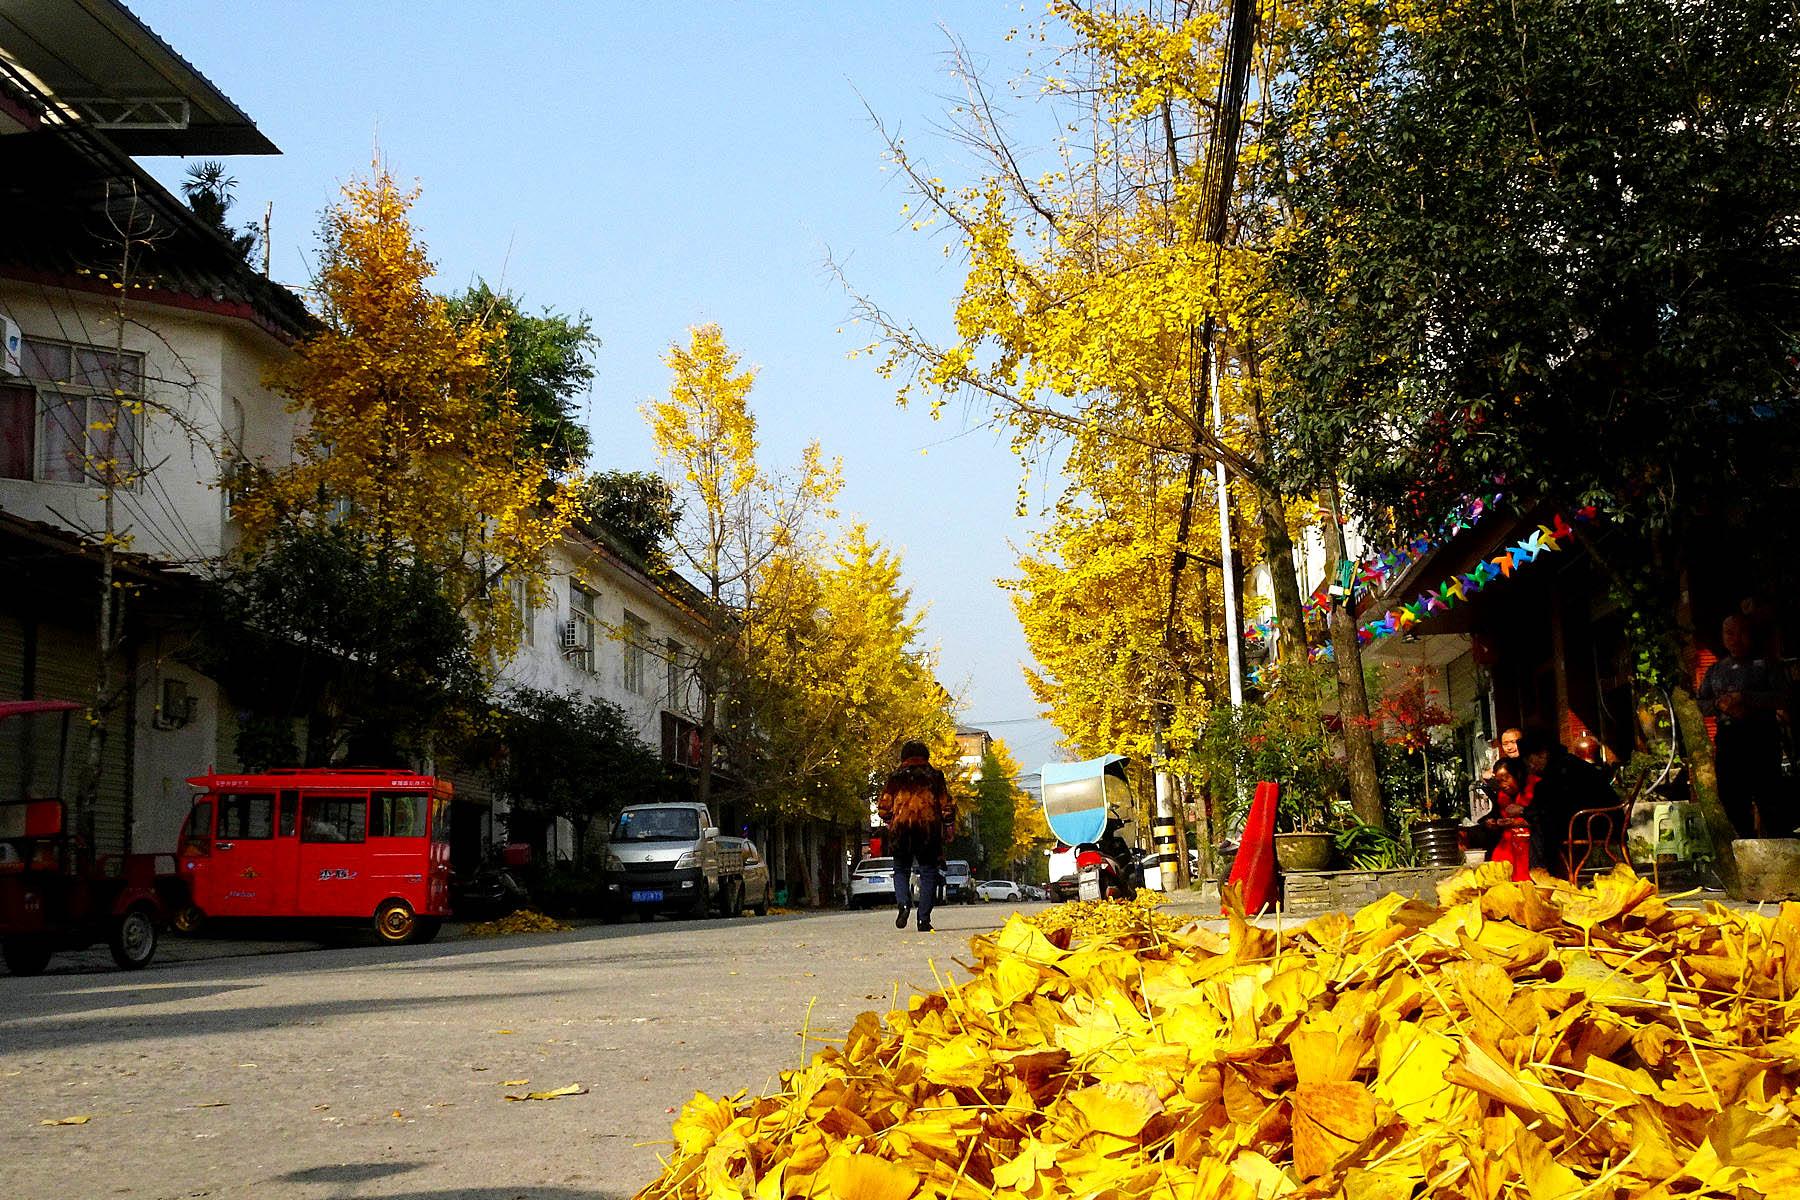 街子银杏黄啦!